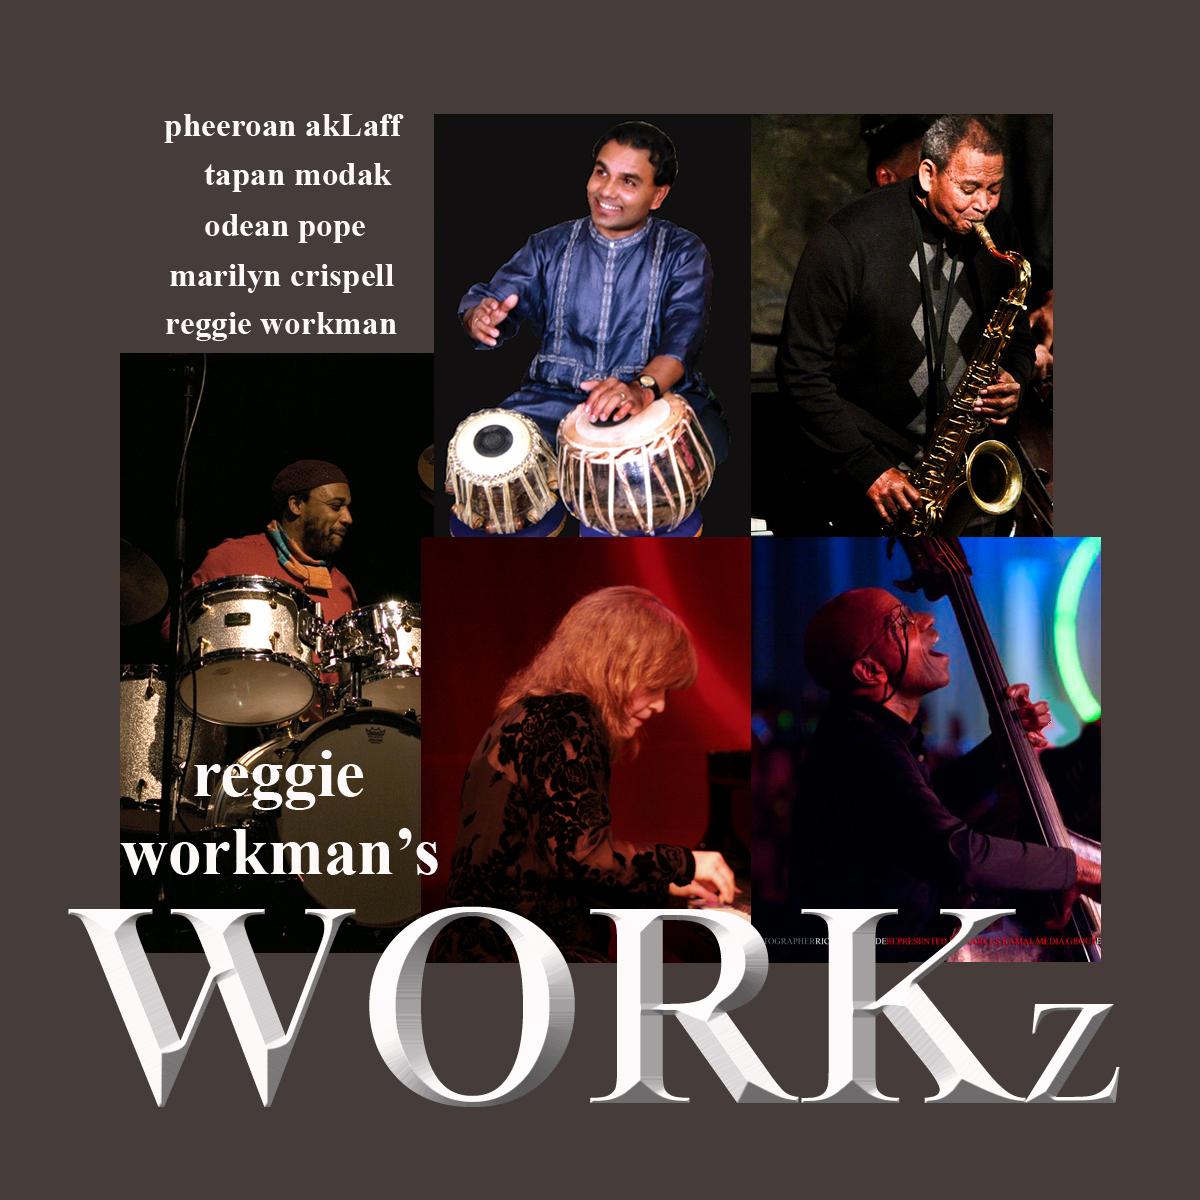 Reggie workman's workz